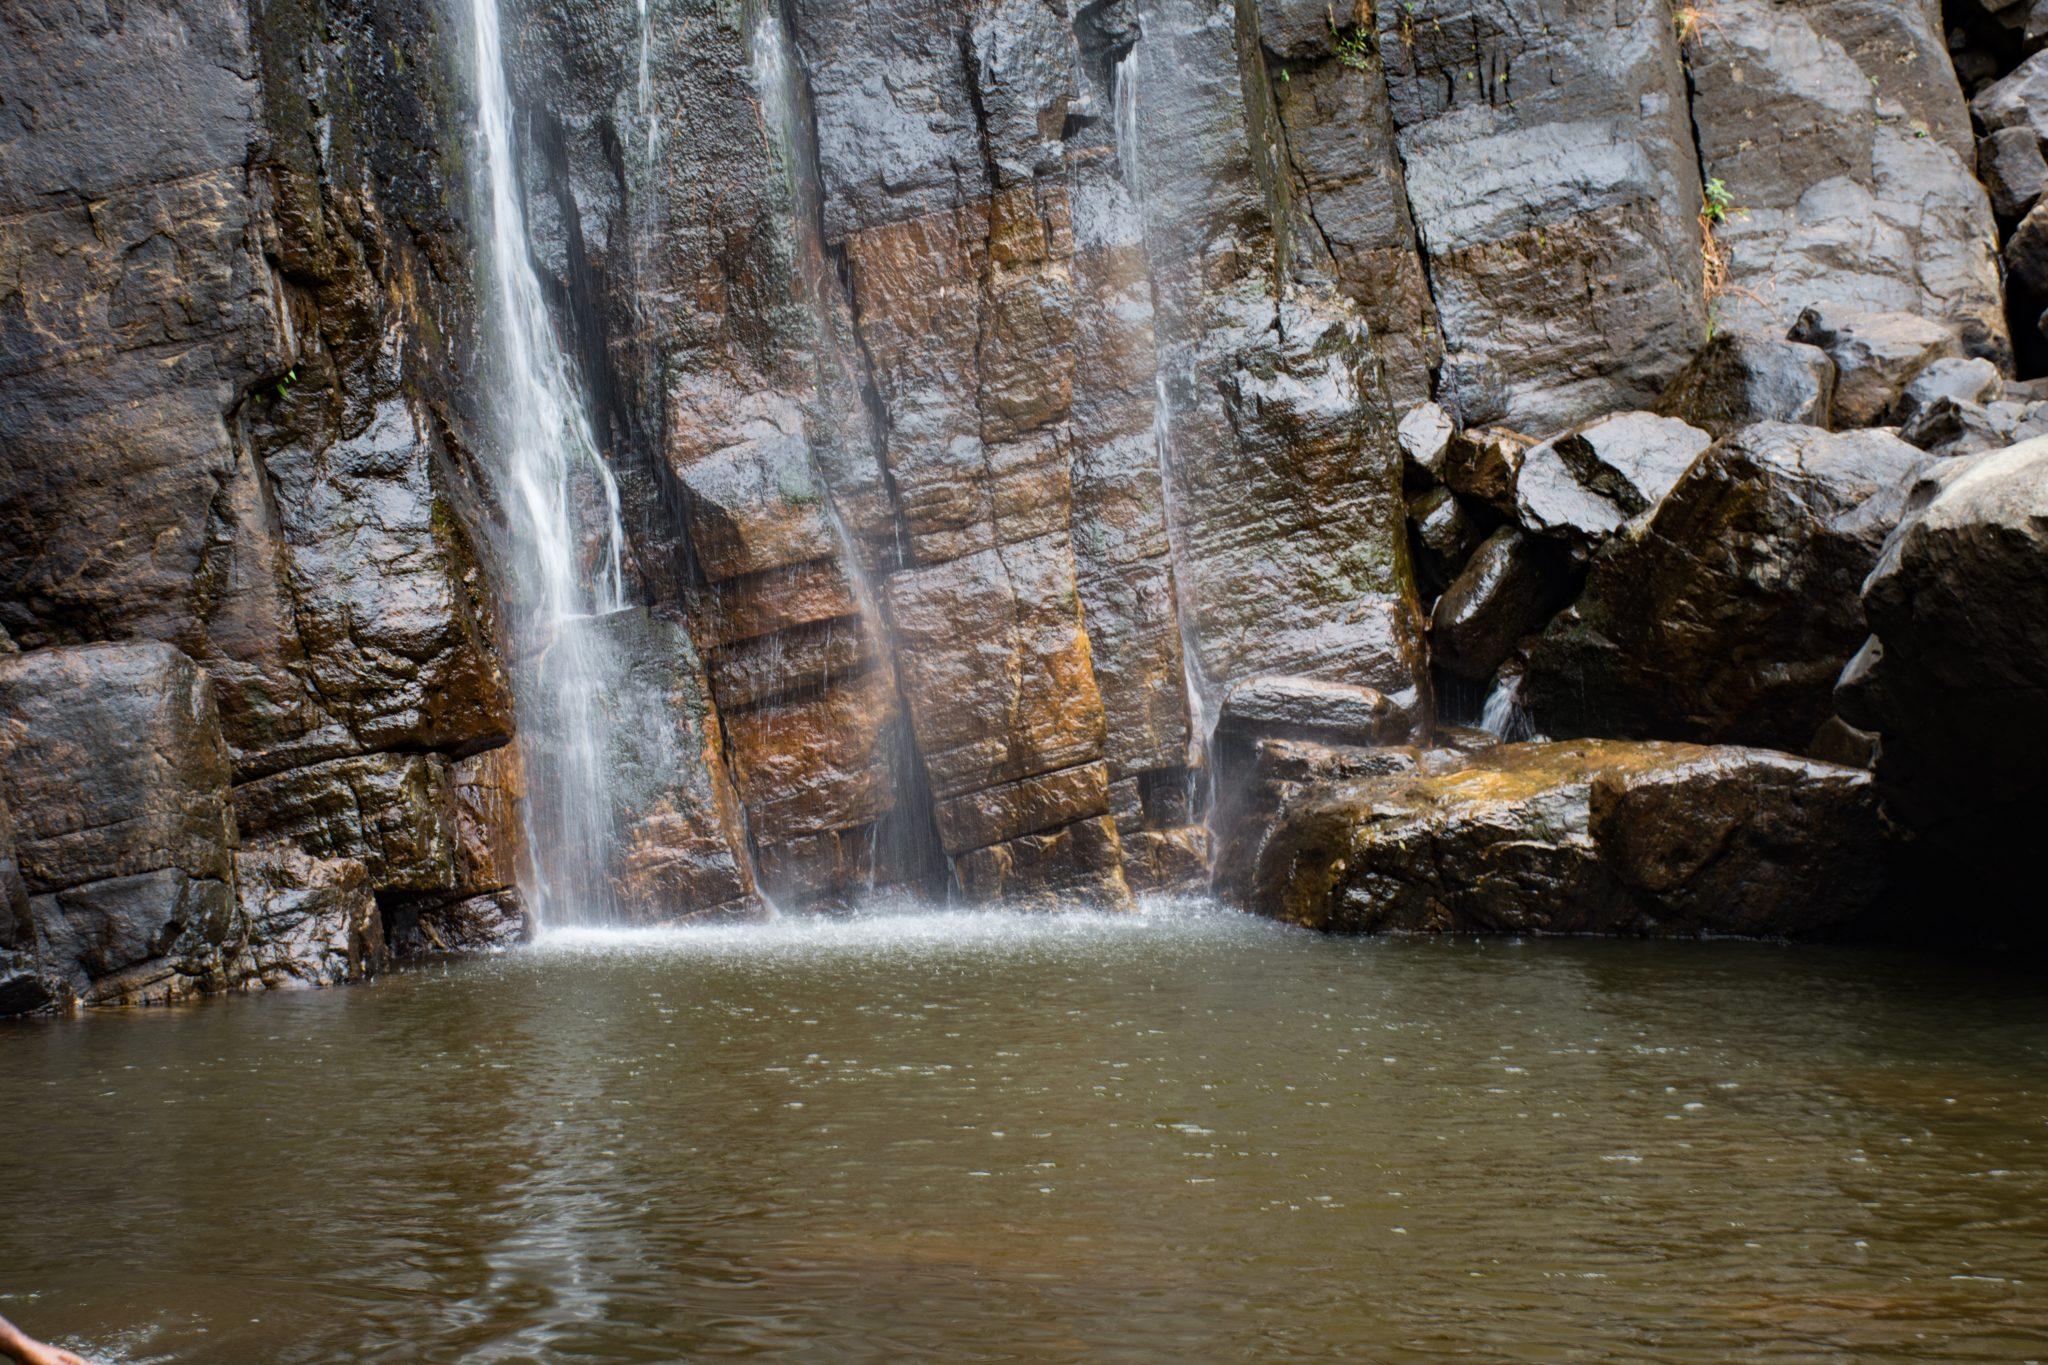 Pool below the waterfall